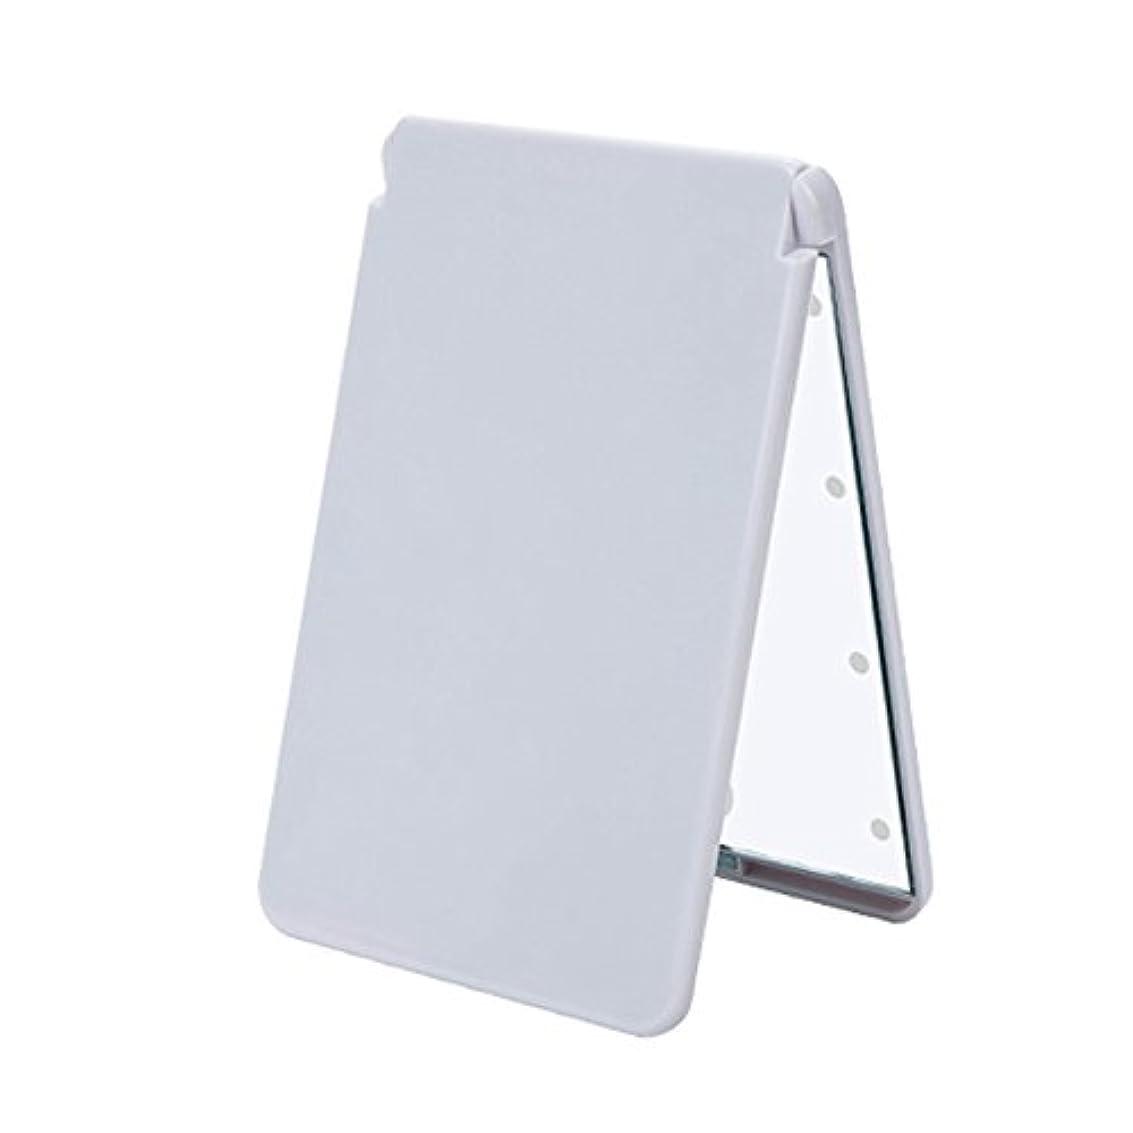 証言インフレーション晩餐ledメイクミラー 8 LED ライト 電池式 化粧鏡 折りたたみ コンパクトミラー 軽量 携帯便利 2倍拡大鏡付 二面鏡 ホワイト